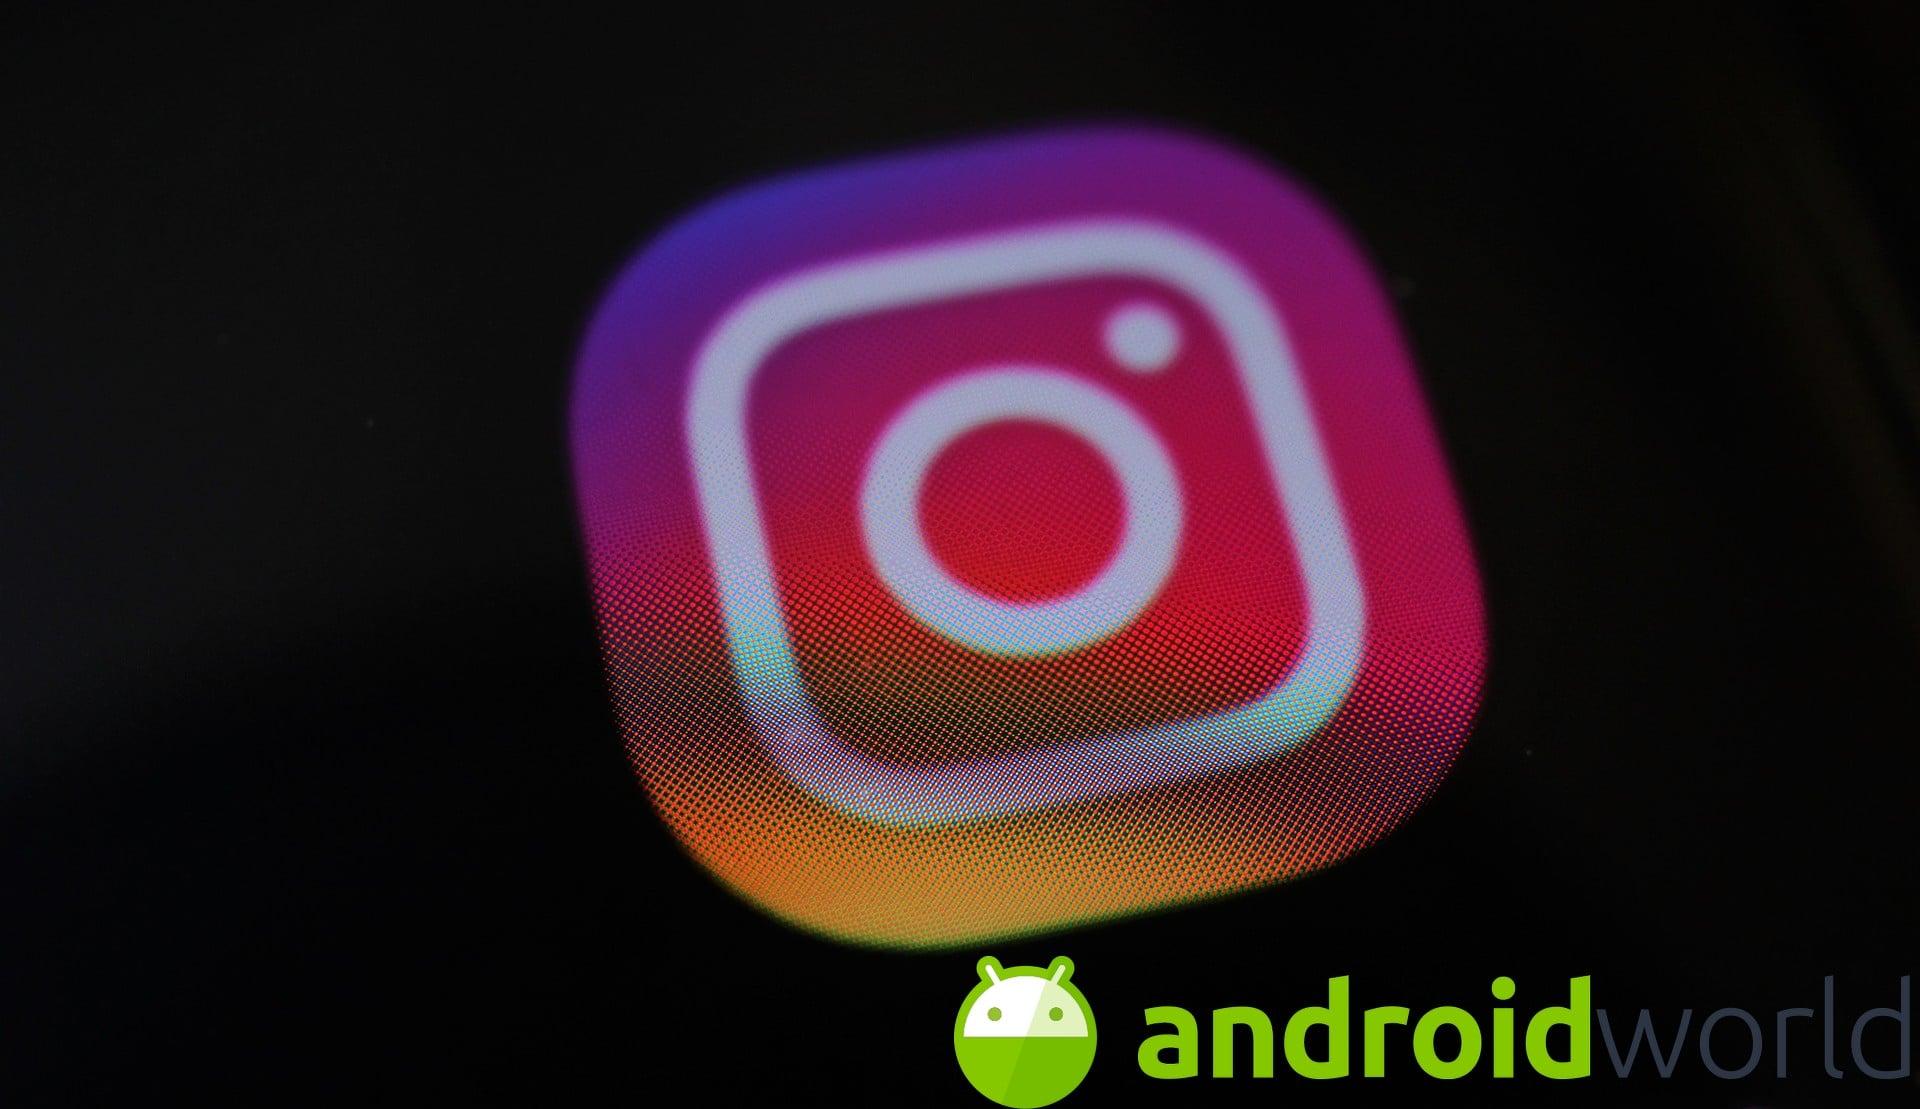 Il tema scuro di Instagram in arrivo anche per chi non ha Android 10: ci sarà l'opzione per attivarlo manualmente (foto)